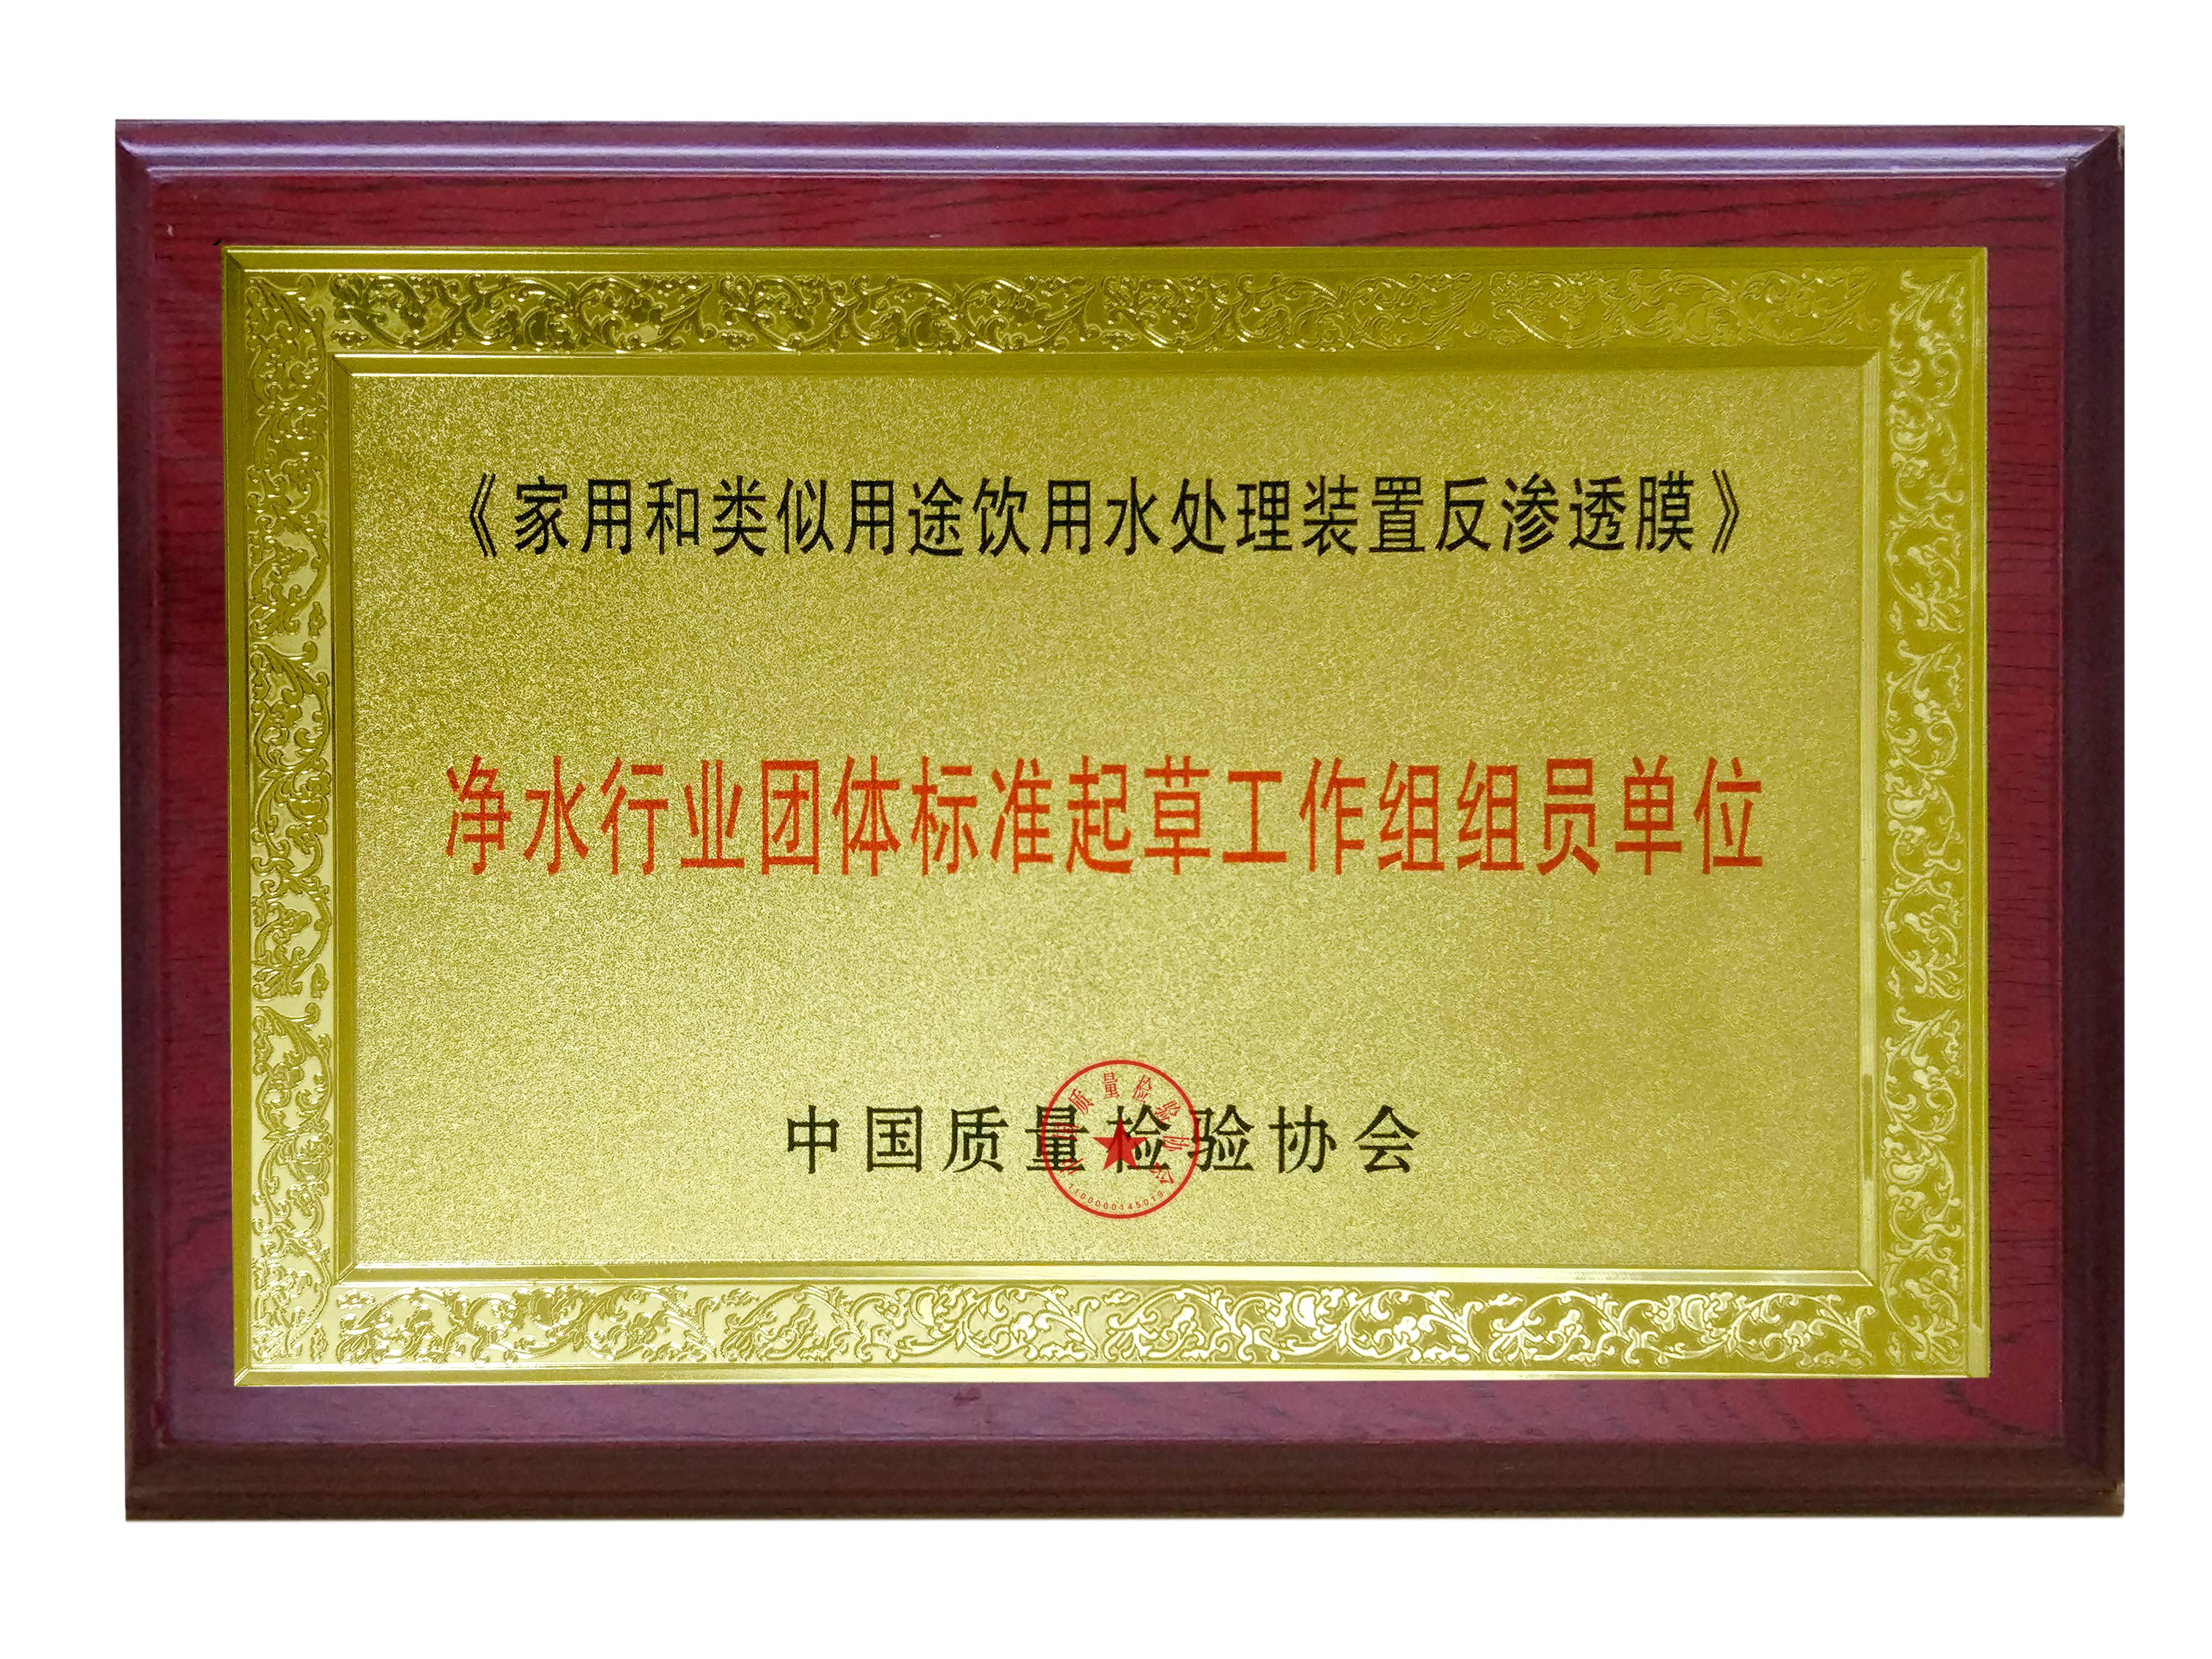 中国质量协会证书